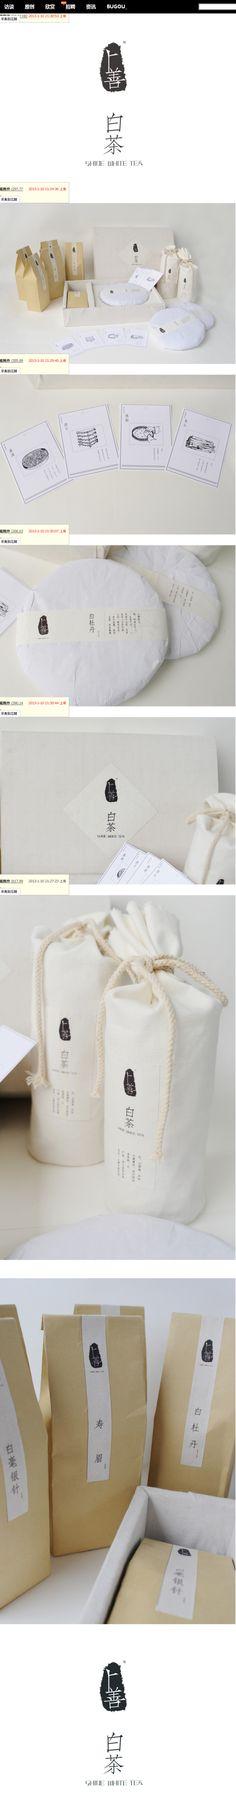 上茶包装-设计青年@形易设计采集到027/ 茶设计系列(83图)_花瓣工业设计. Shine white tea packaging PD